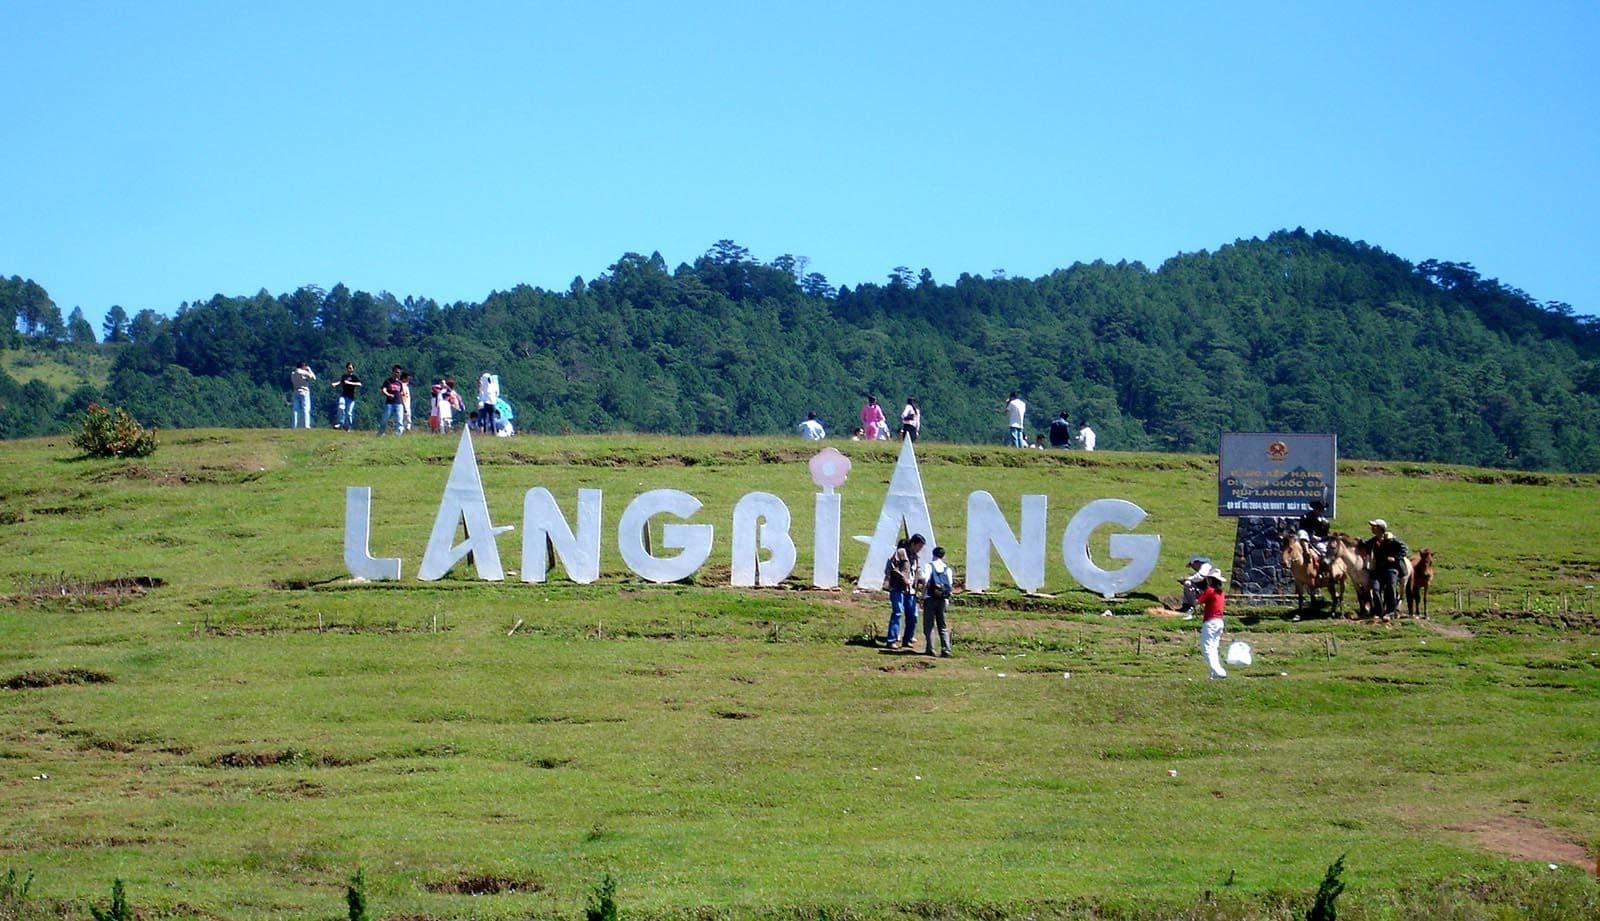 Tour trekking leo núi và chinh phục LangBiang 1 ngày giá rẻ